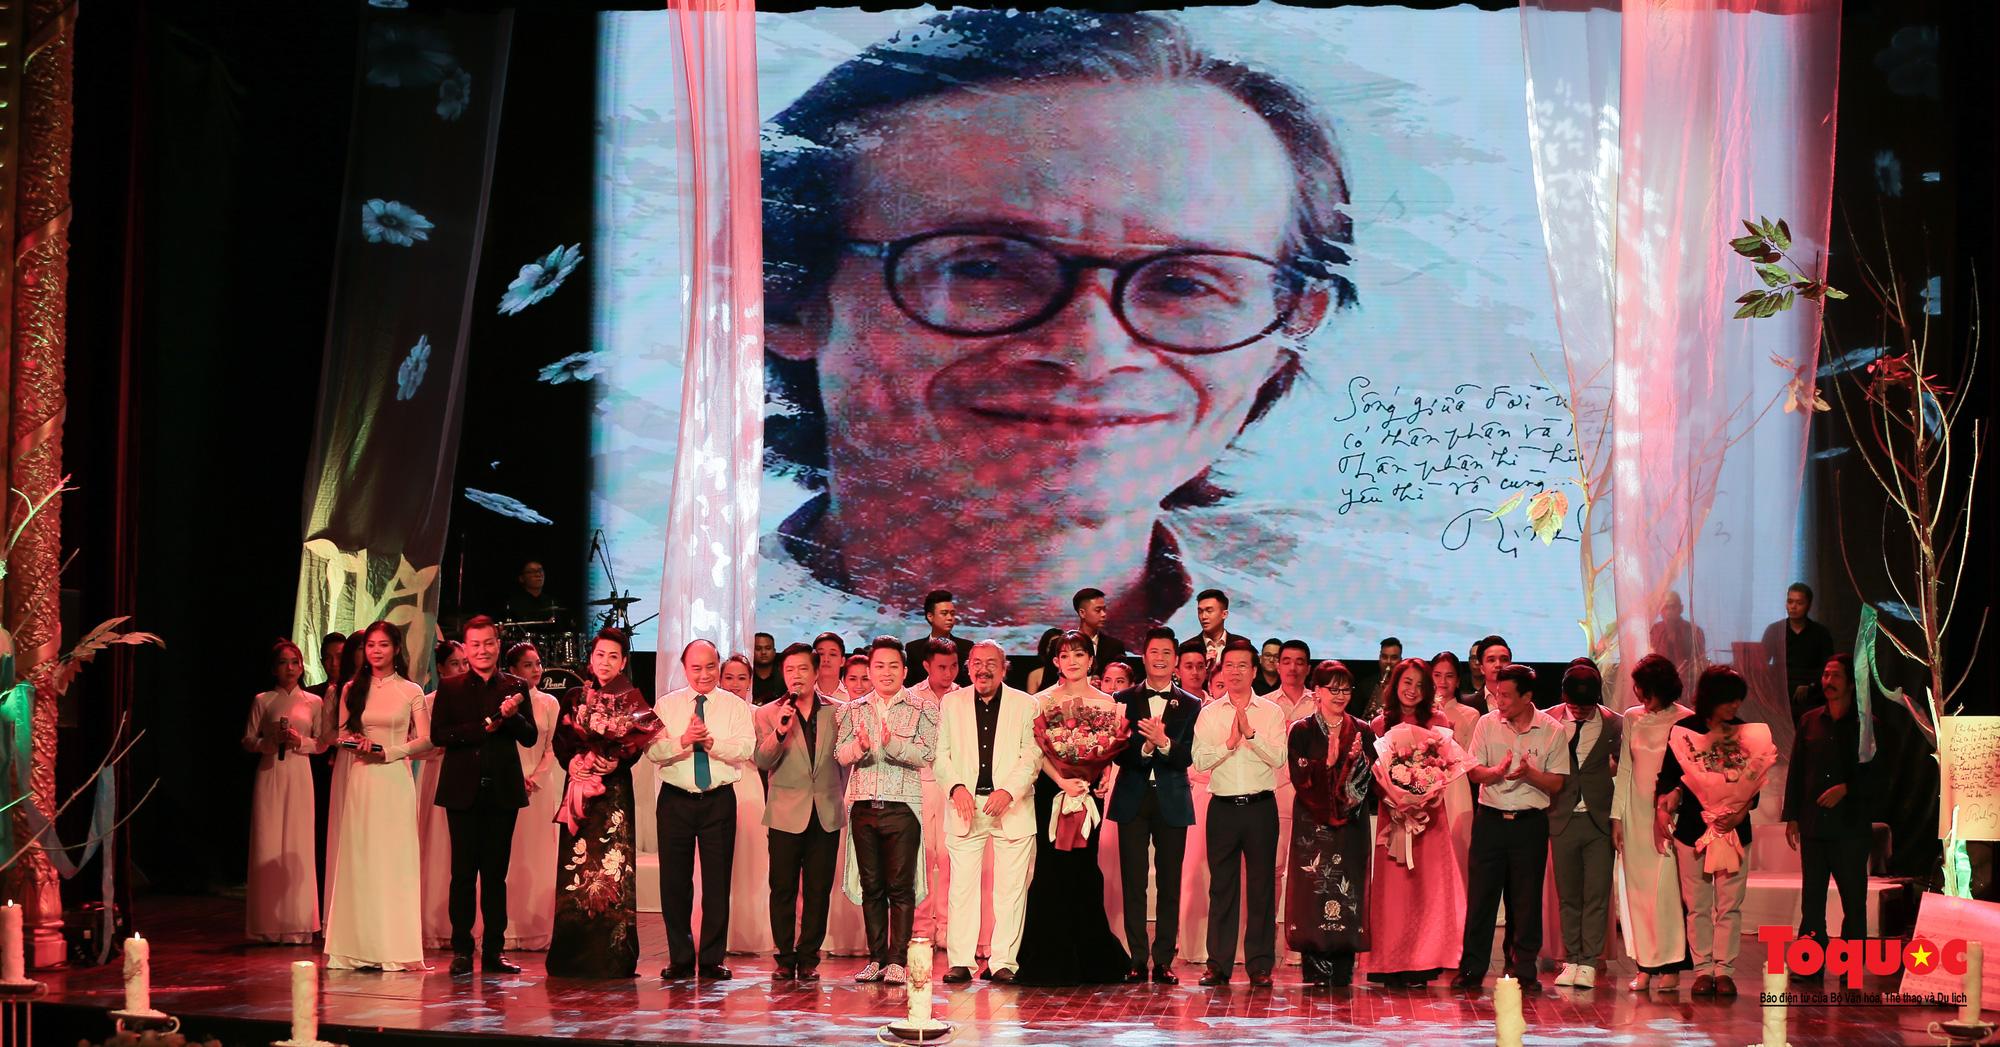 Nhiều cung bậc cảm xúc trong đêm nhạc 'Biển nhớ' tưởng nhớ cố nhạc sĩ Trịnh Công Sơn - Ảnh 19.